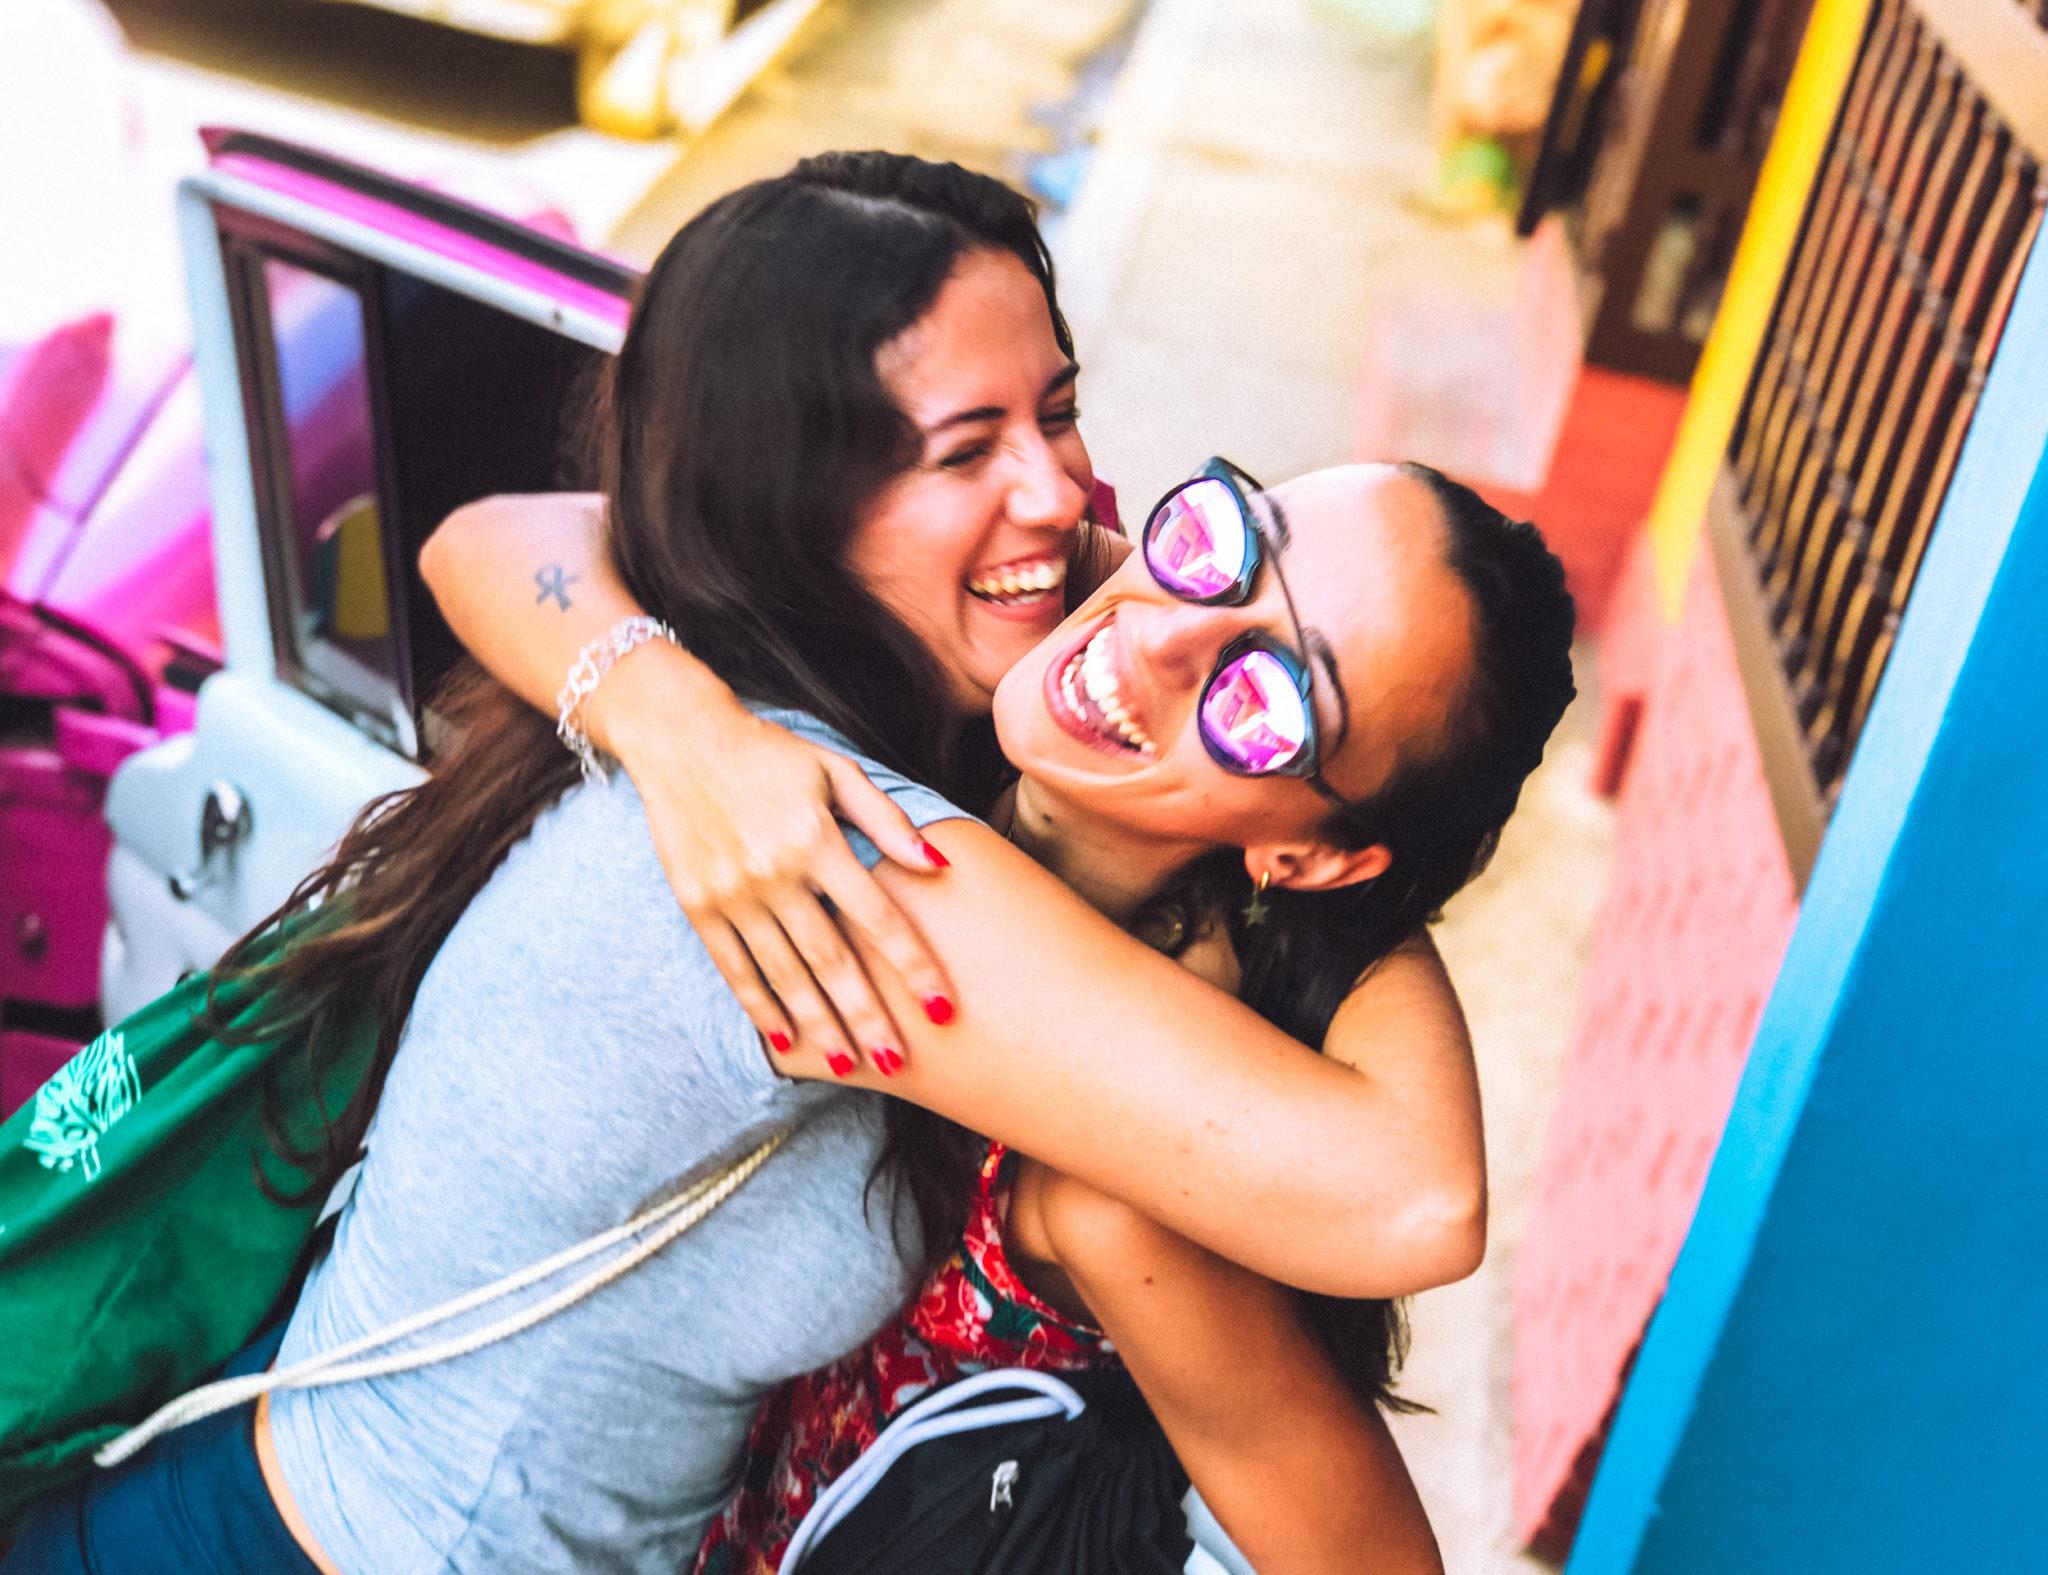 hacer amigos viajes